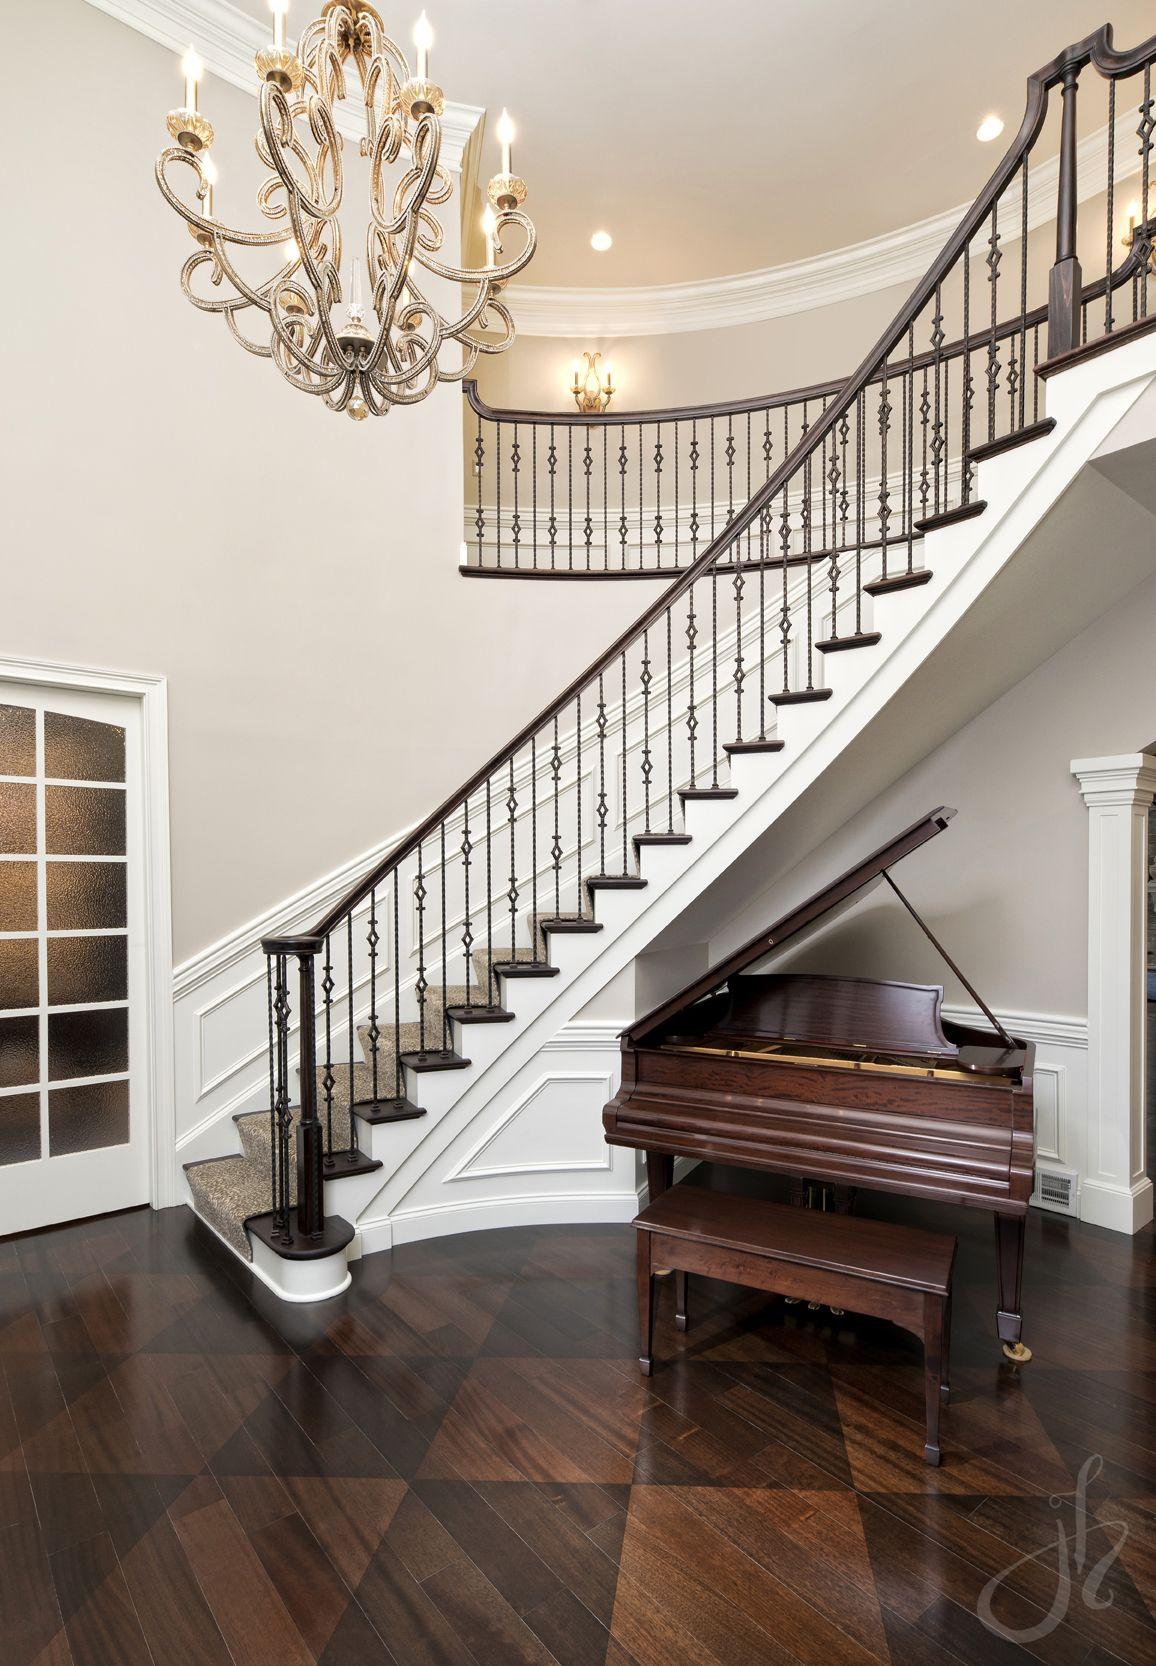 stair runner grand foyer luxury foyer crystal chandelier John